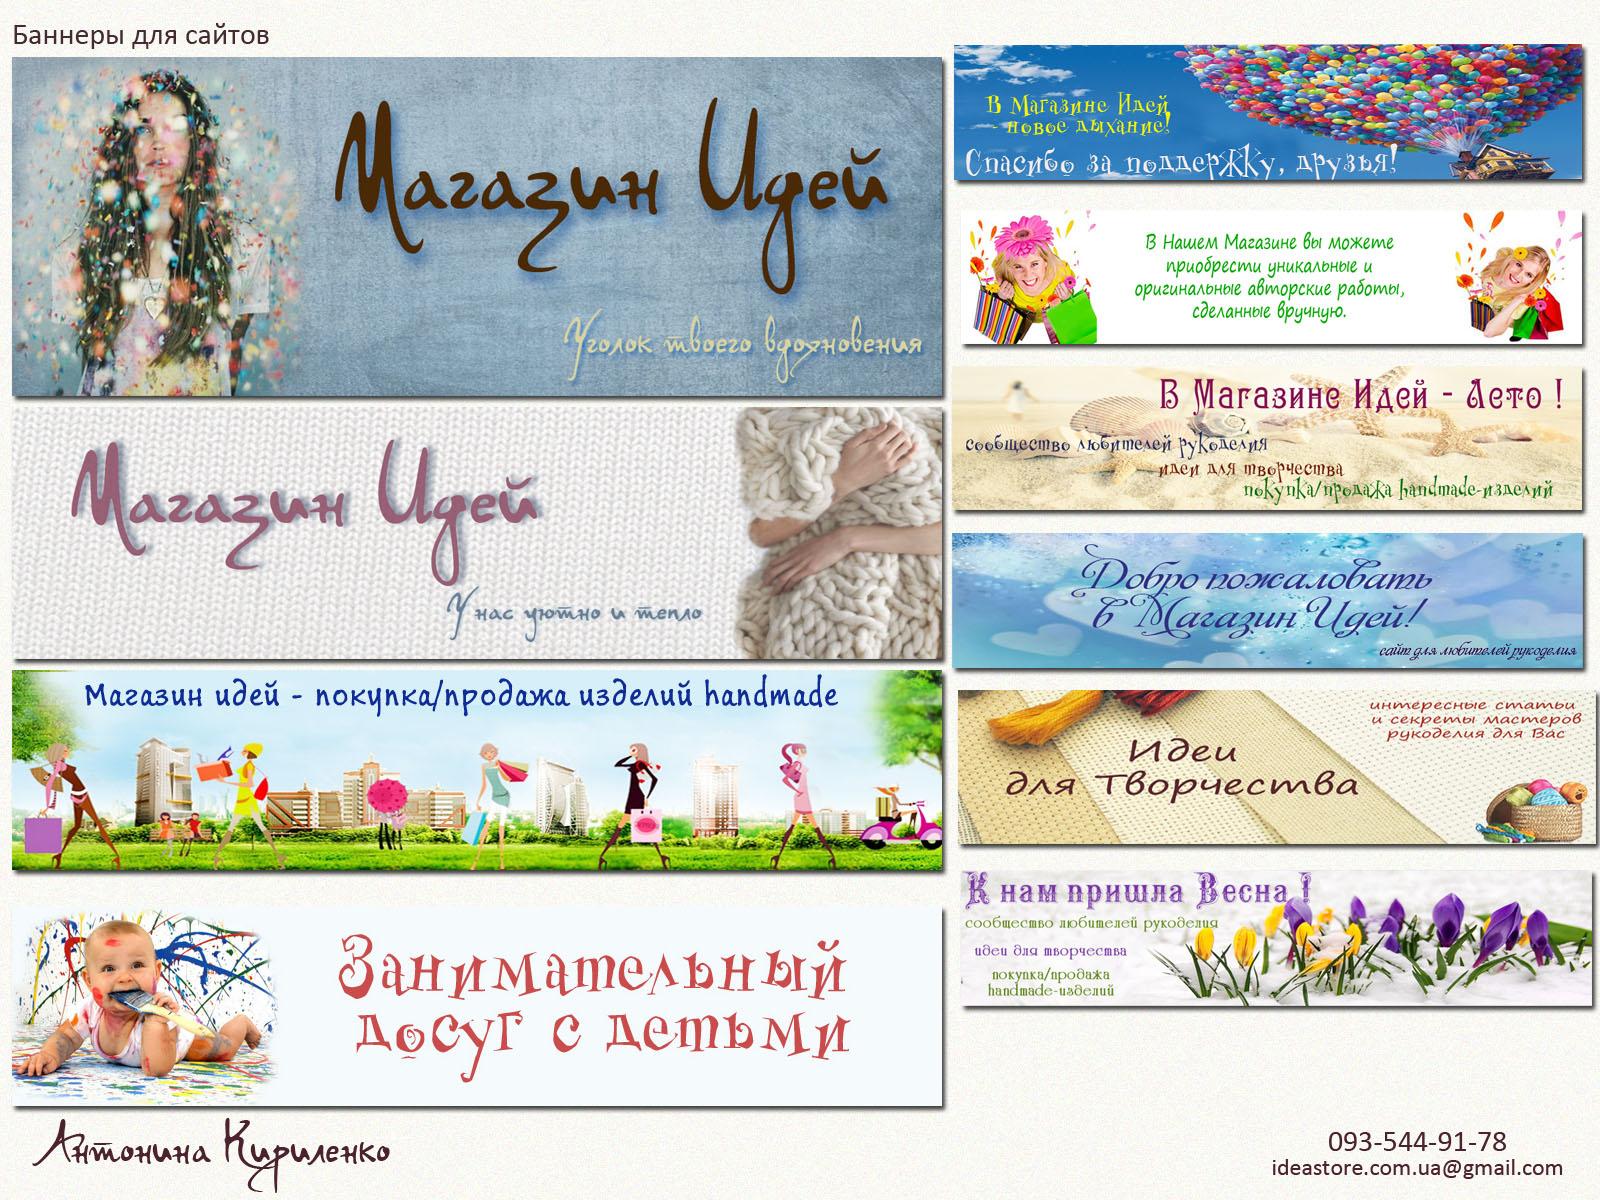 Баннеры для сайтов и социальных групп